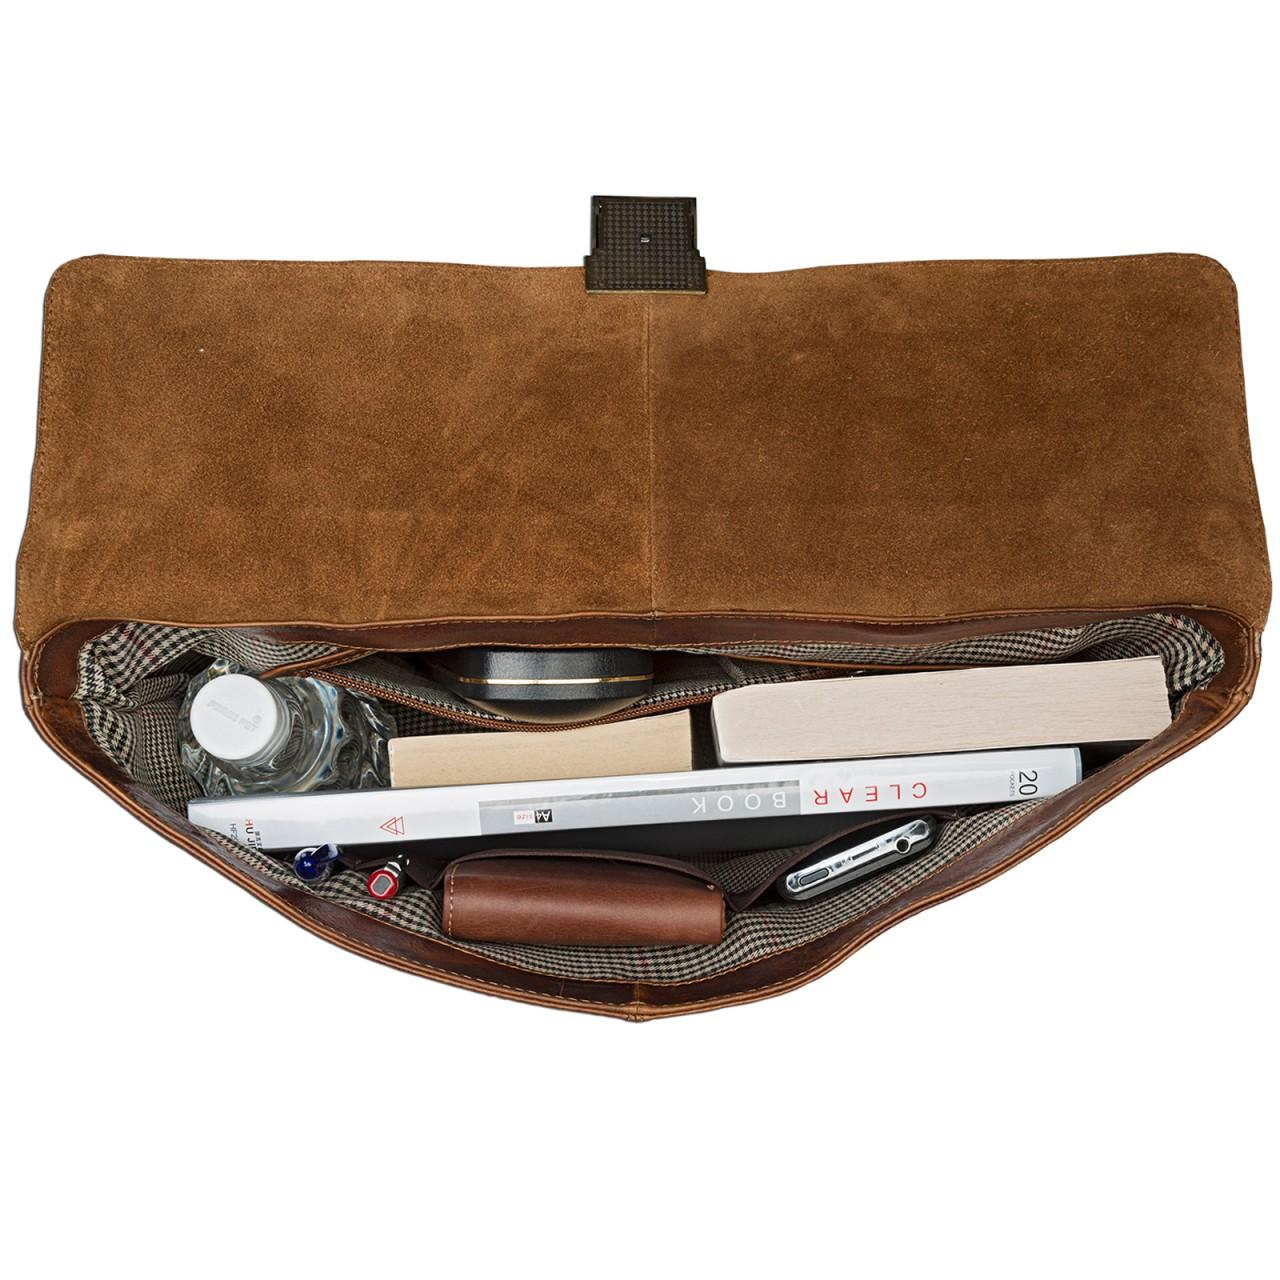 STILORD kleine Vintage Aktentasche elegante Businesstasche aus echtem Leder mit Schloss Rinds Leder Braun - Bild 5